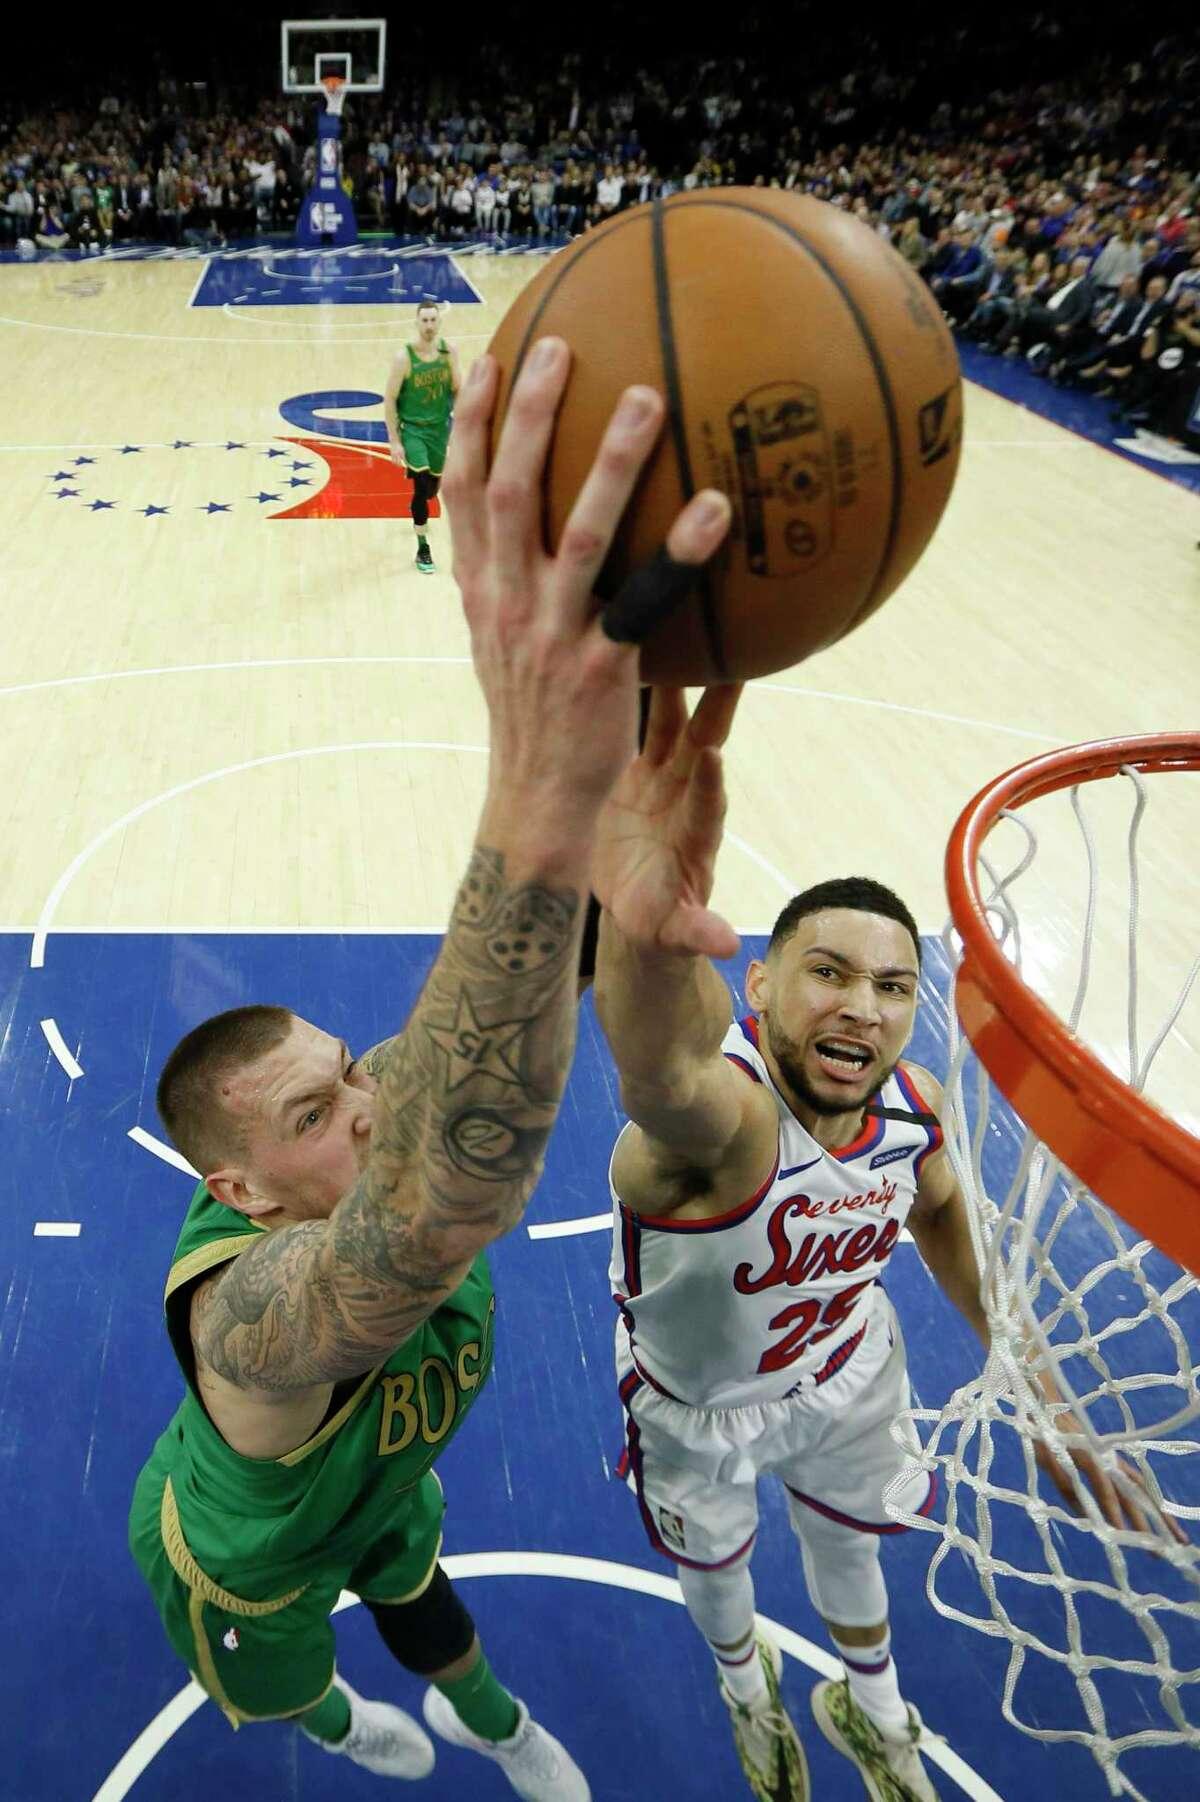 Boston Celtics' Daniel Theis, left, goes up to dunk against Philadelphia 76ers' Ben Simmons during the first half of an NBA basketball game, Thursday, Jan. 9, 2020, in Philadelphia. (AP Photo/Matt Slocum)